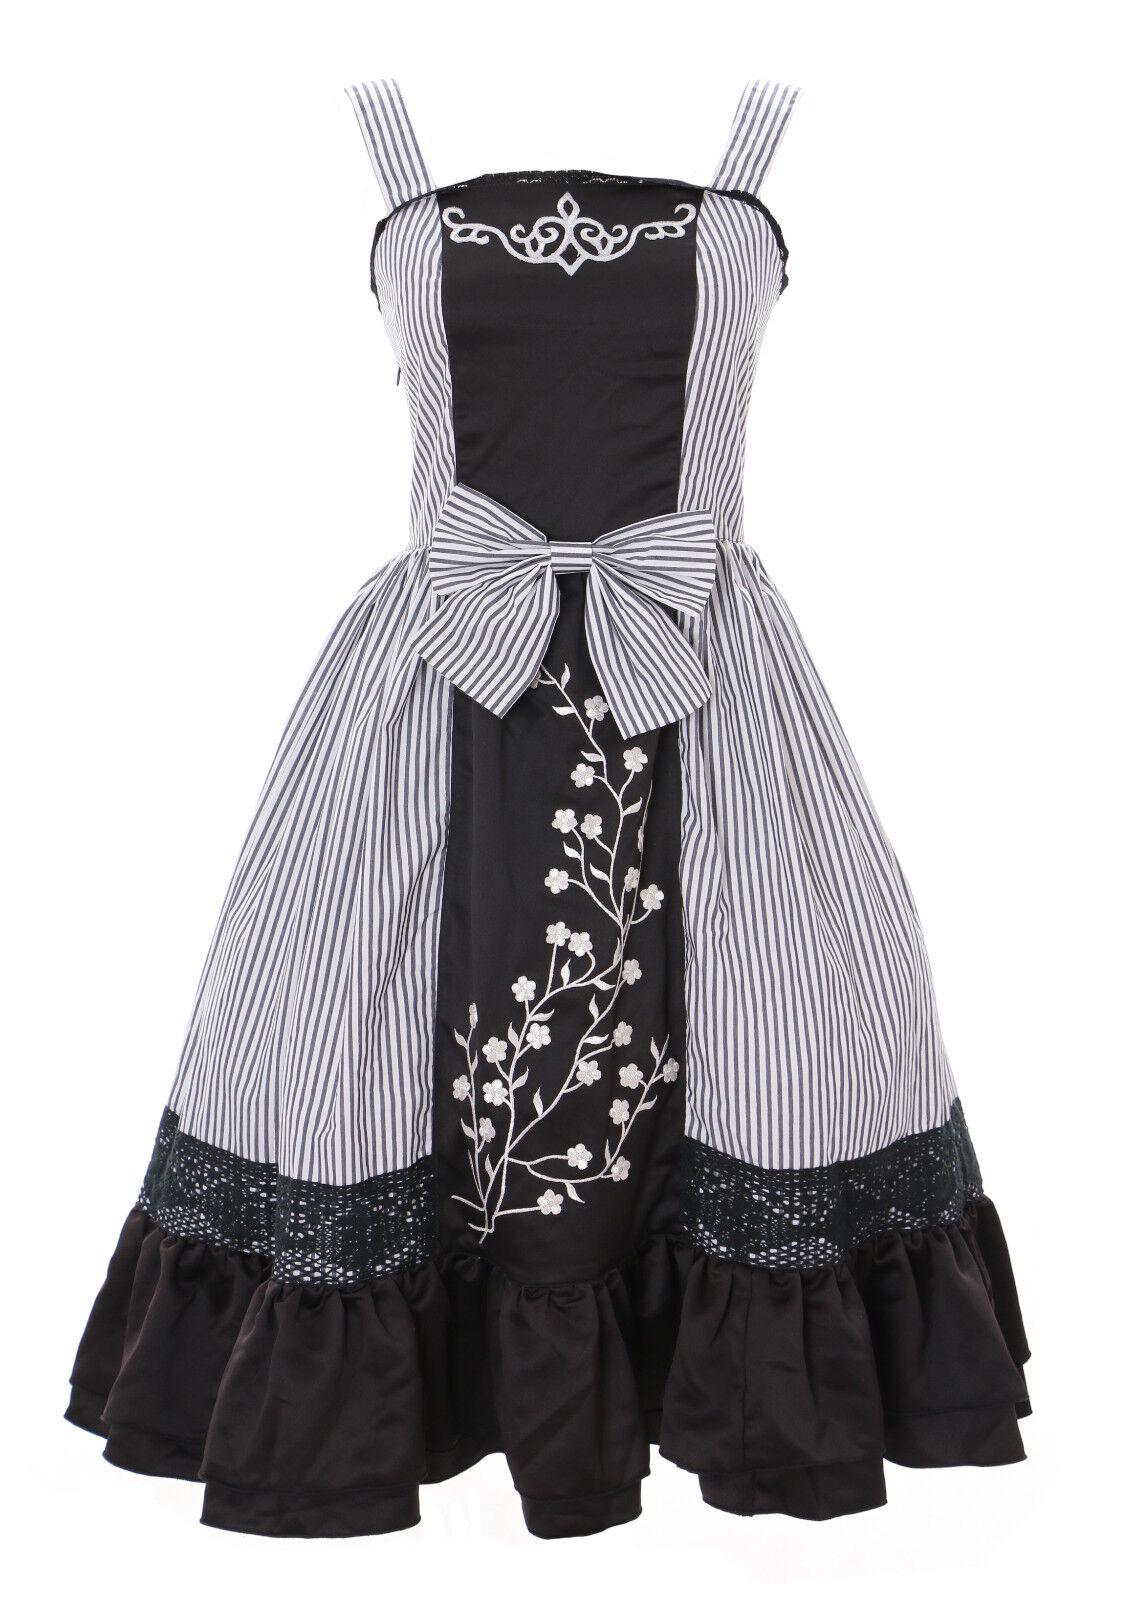 JL-641 schwarz gestreift Dark Gothic Lolita Kleid Kostüm dress Cosplay stretch